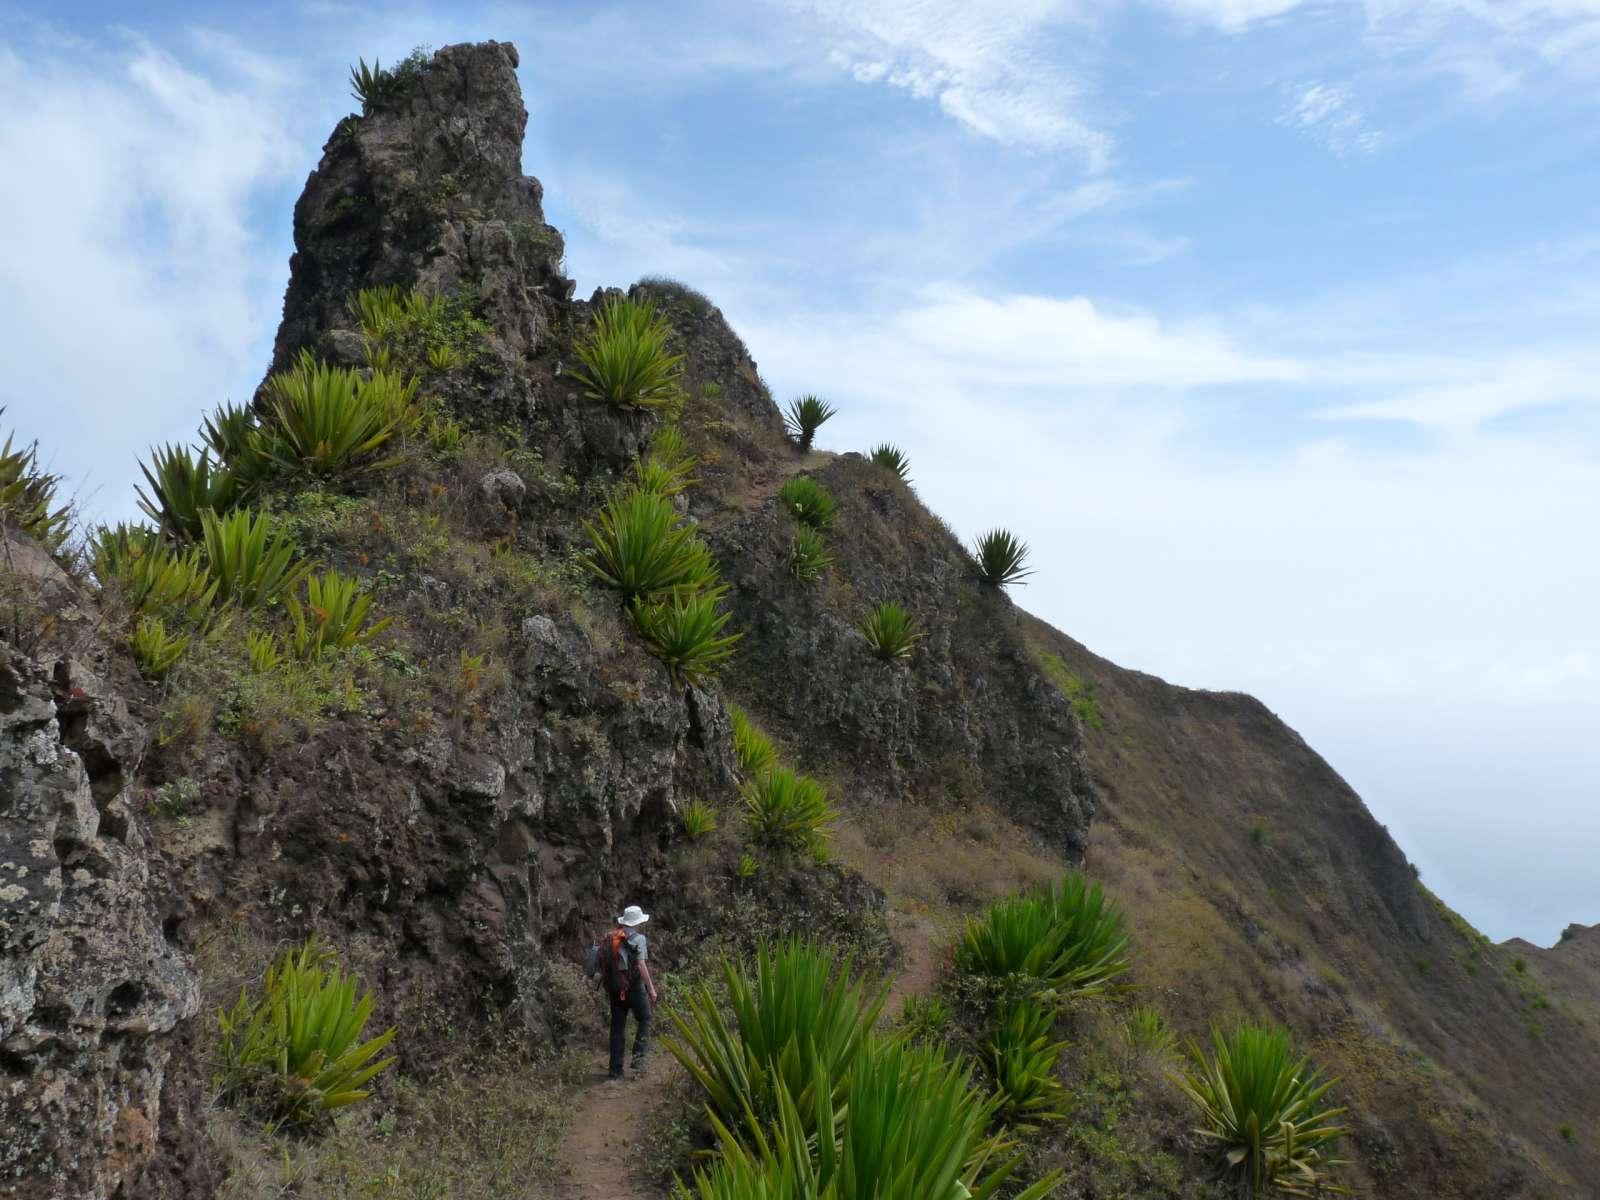 L'excursion commence à Cova, cratère transformé en champs, puis débute la fameuse randonnée aux 77 virages par des chemins sinueux à travers la vallée sur l'île de Santo Antão